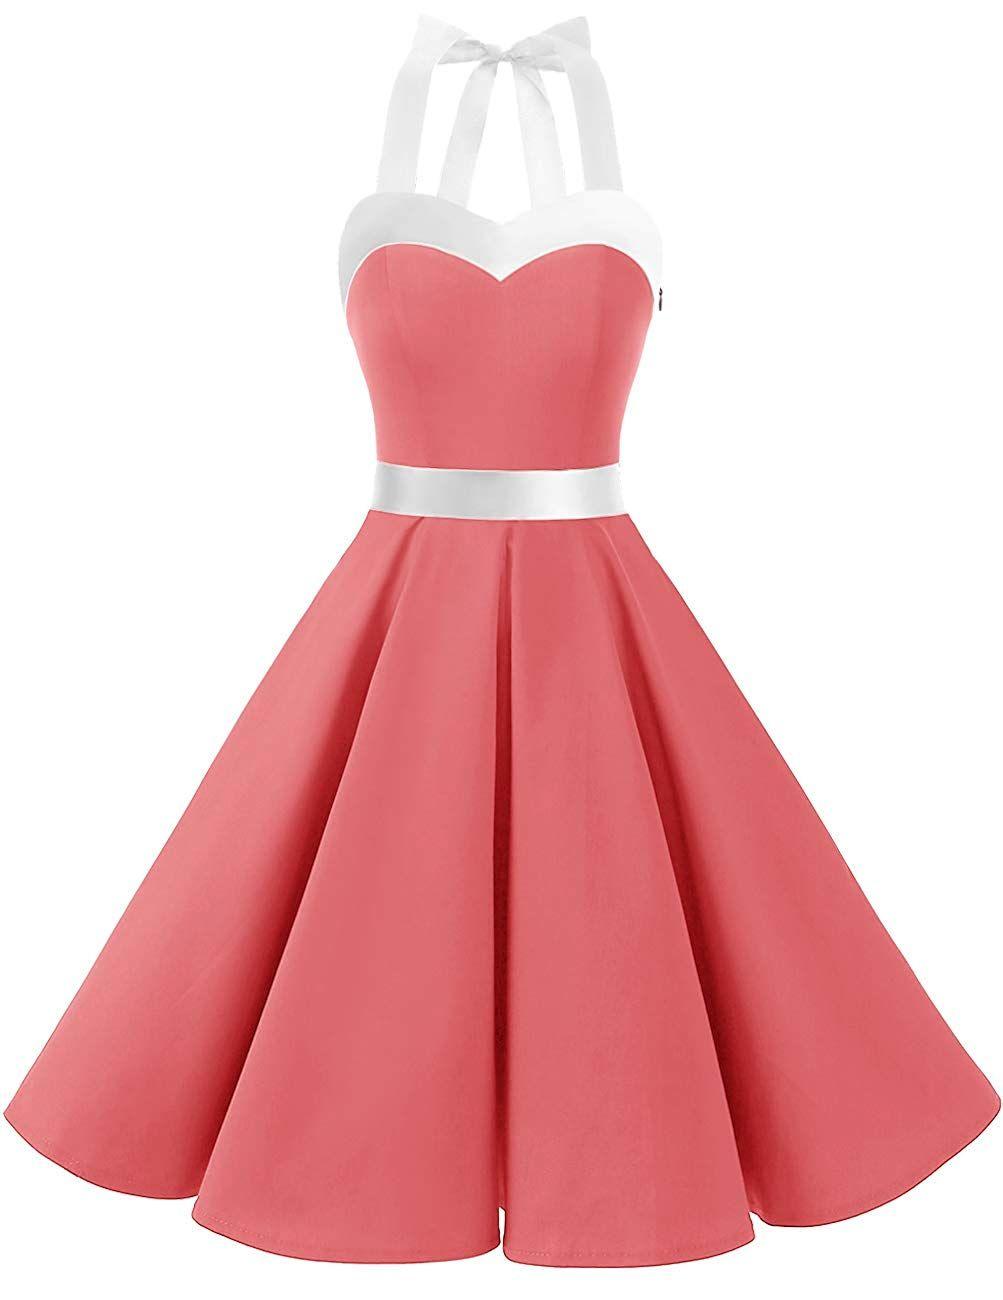 pin von rudi sch. auf vintage dresses | vintage kleider